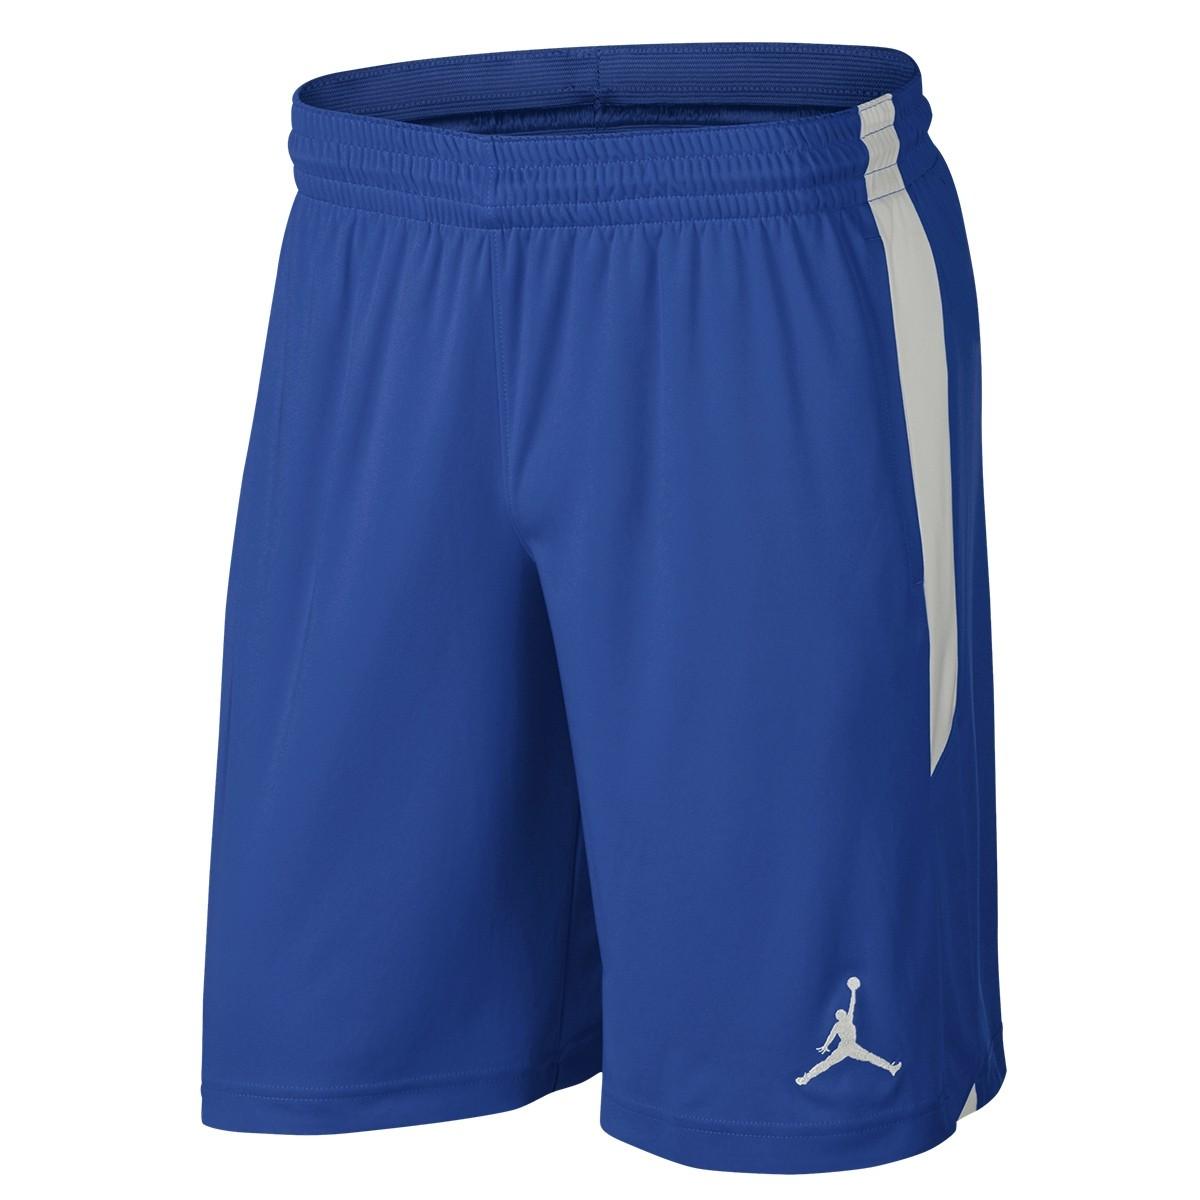 Jordan 23 Alpha Dry Knit Short 'Blue'